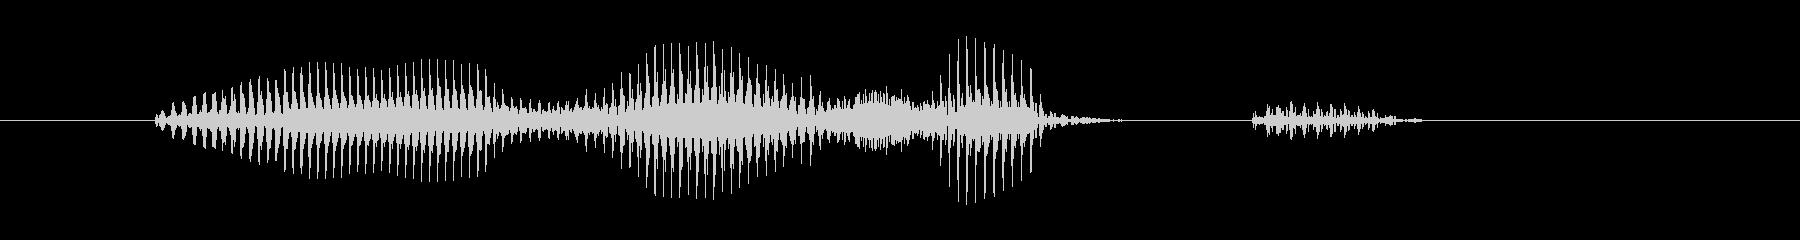 イージーショットの未再生の波形